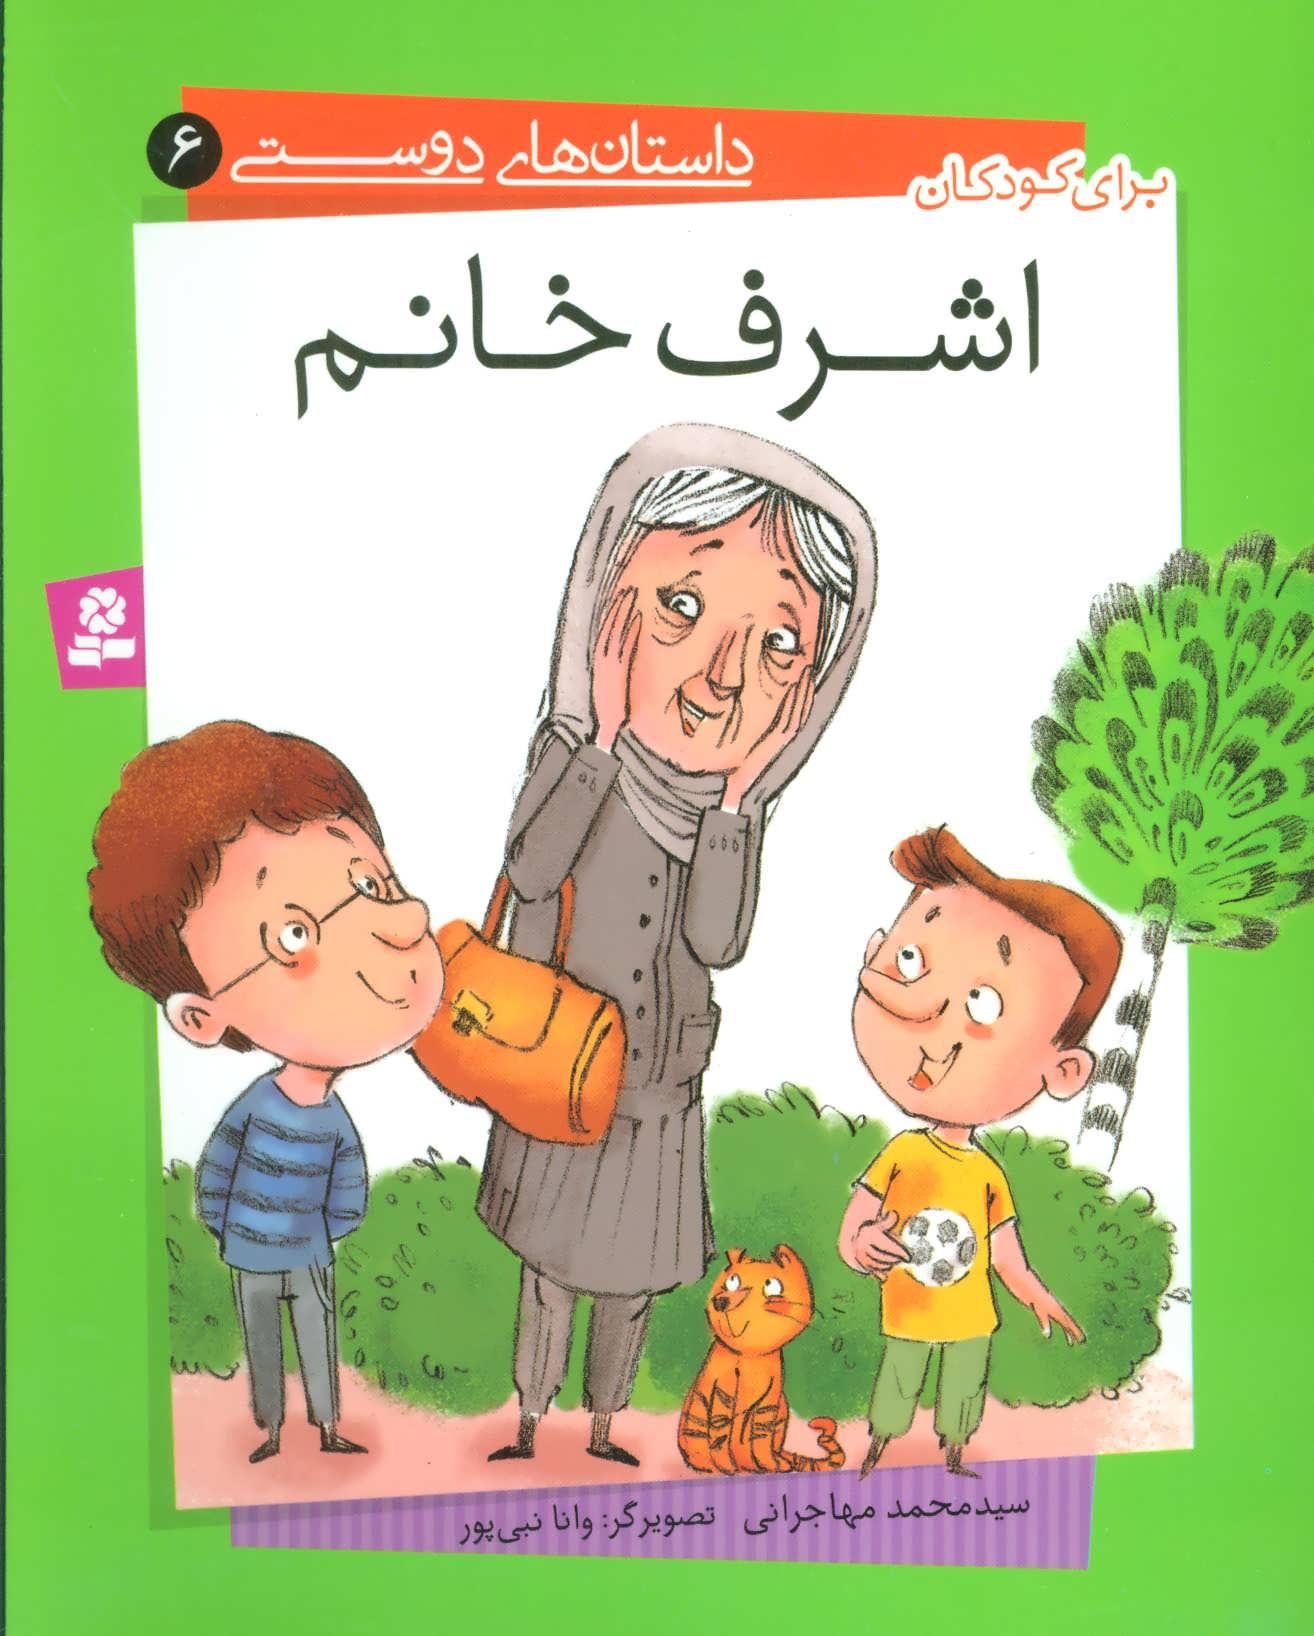 داستان هاي دوستي 6 (اشرف خانم)،(گلاسه)